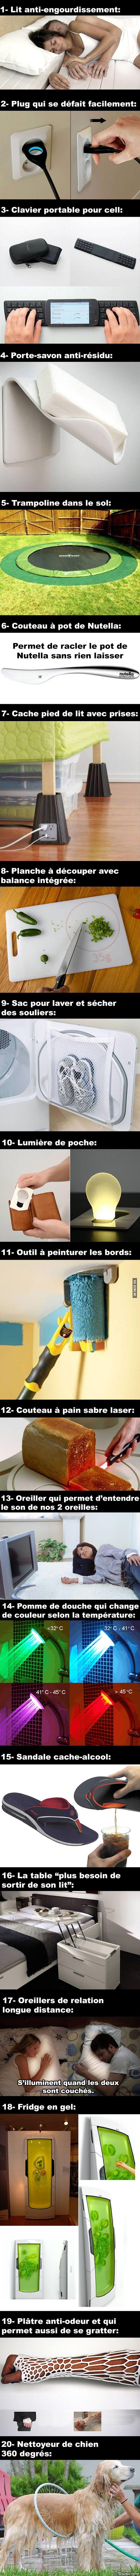 Les meilleures inventions de tout les temps qu'on a trop besoin au Québec: